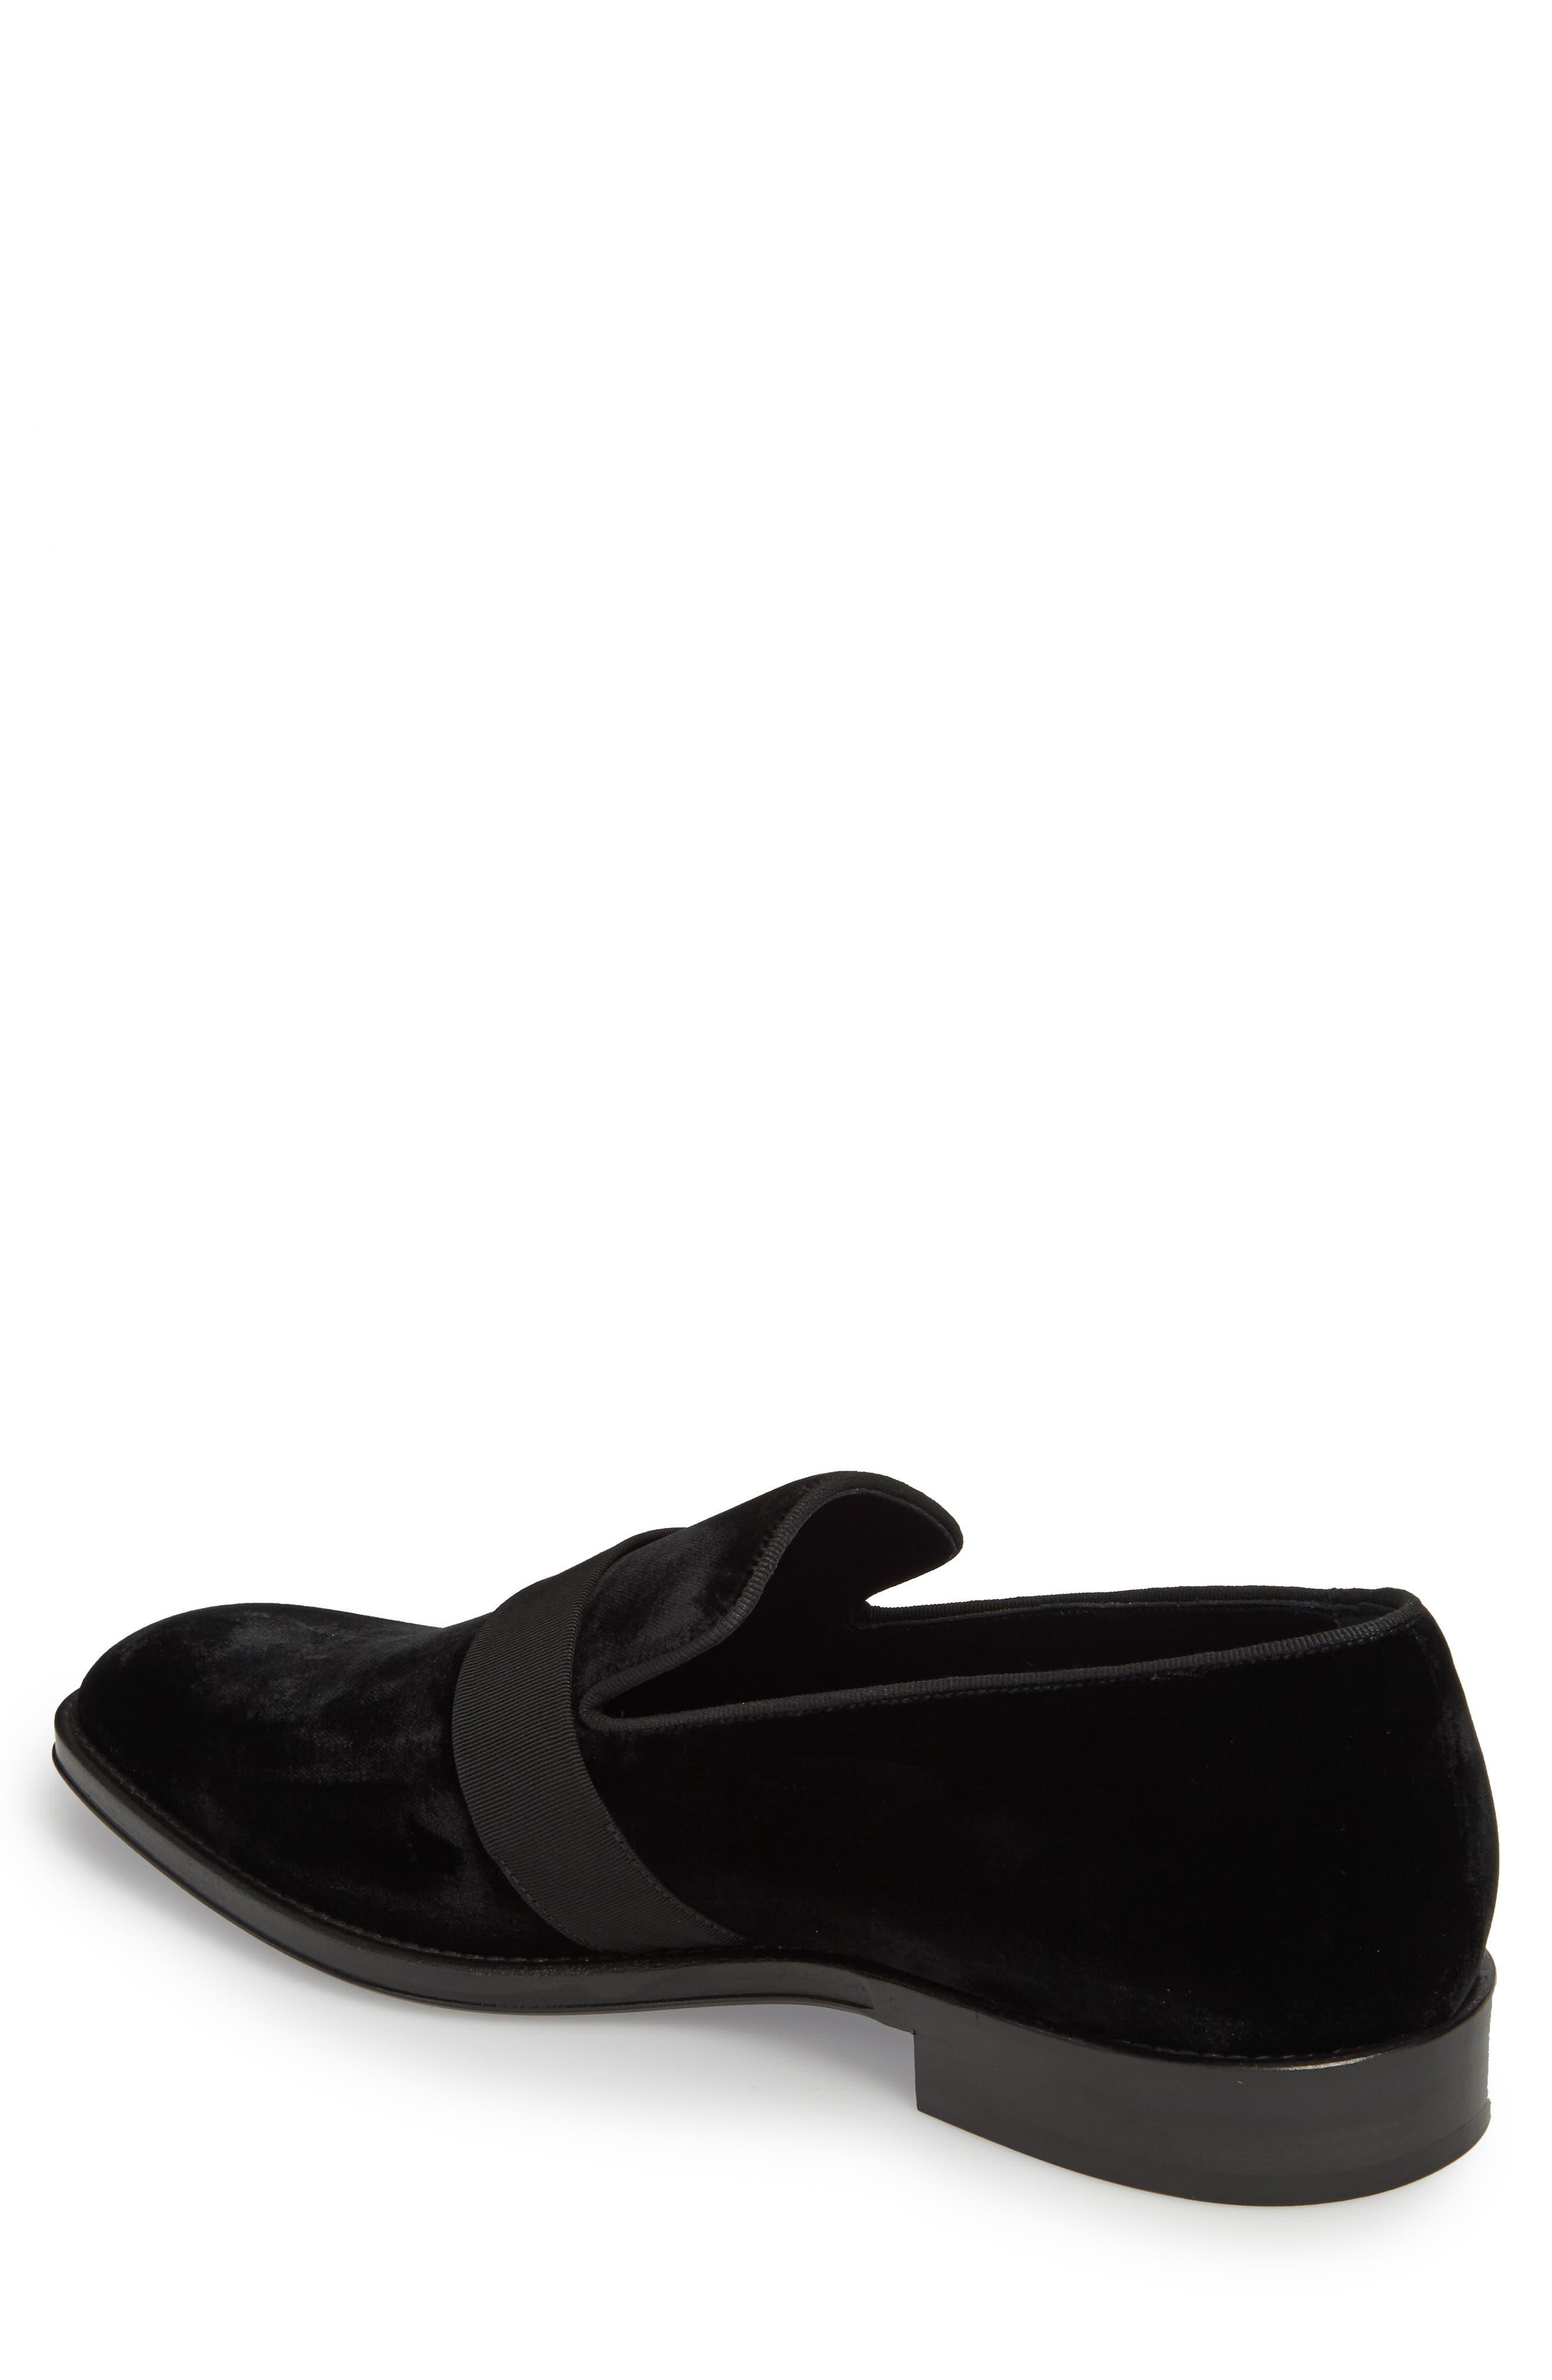 Velvet Loafer,                             Alternate thumbnail 2, color,                             Black